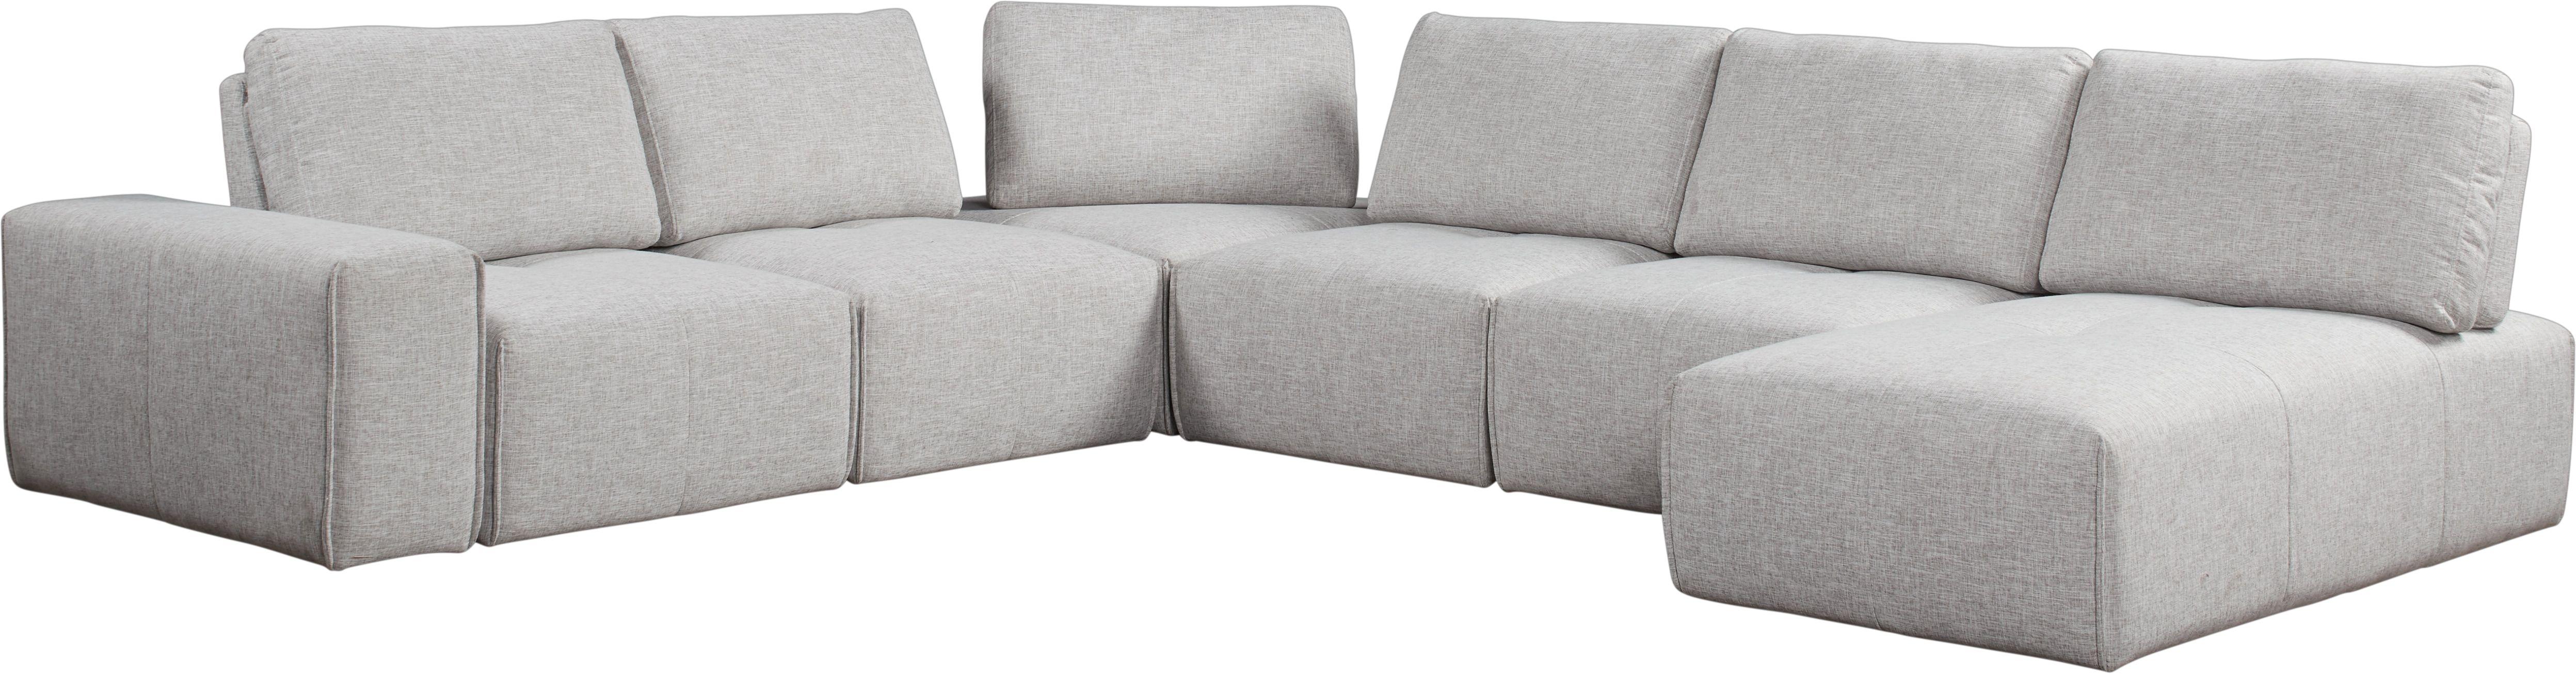 Super Laney Park Light Gray 7 Pc Sectional Inside Outside In Uwap Interior Chair Design Uwaporg